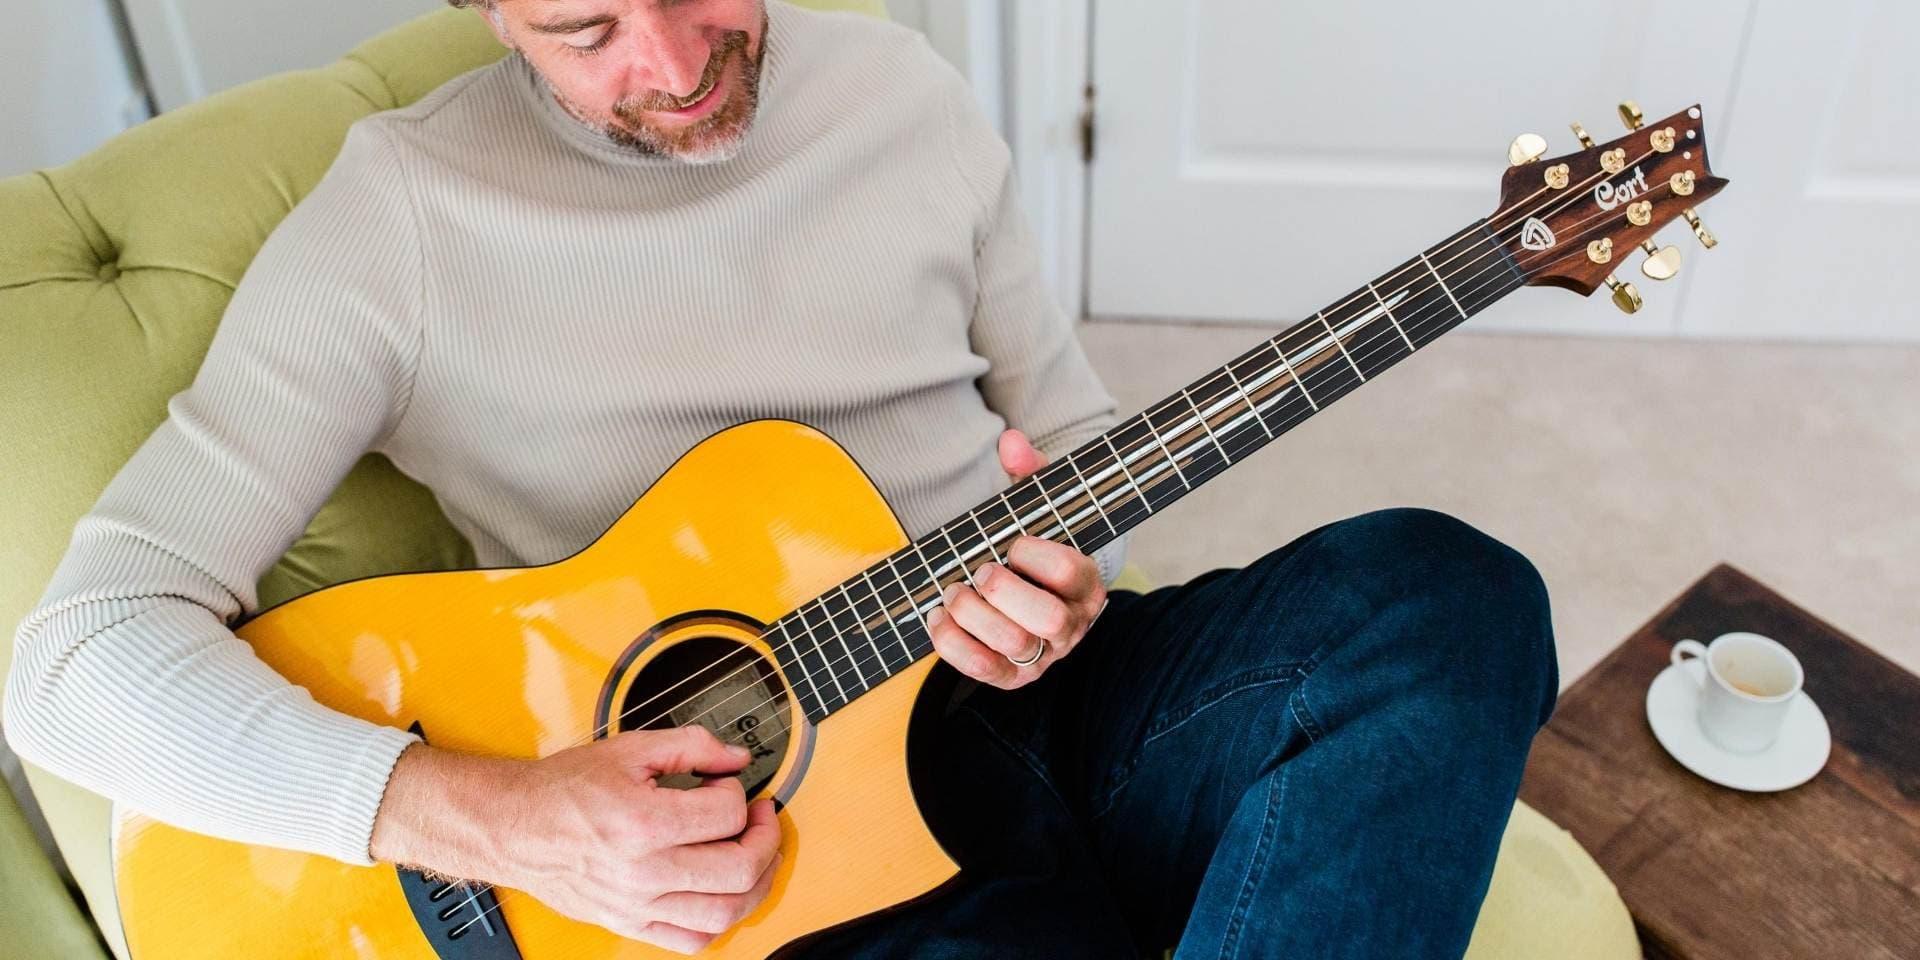 Man playing guitar - retiring at 40